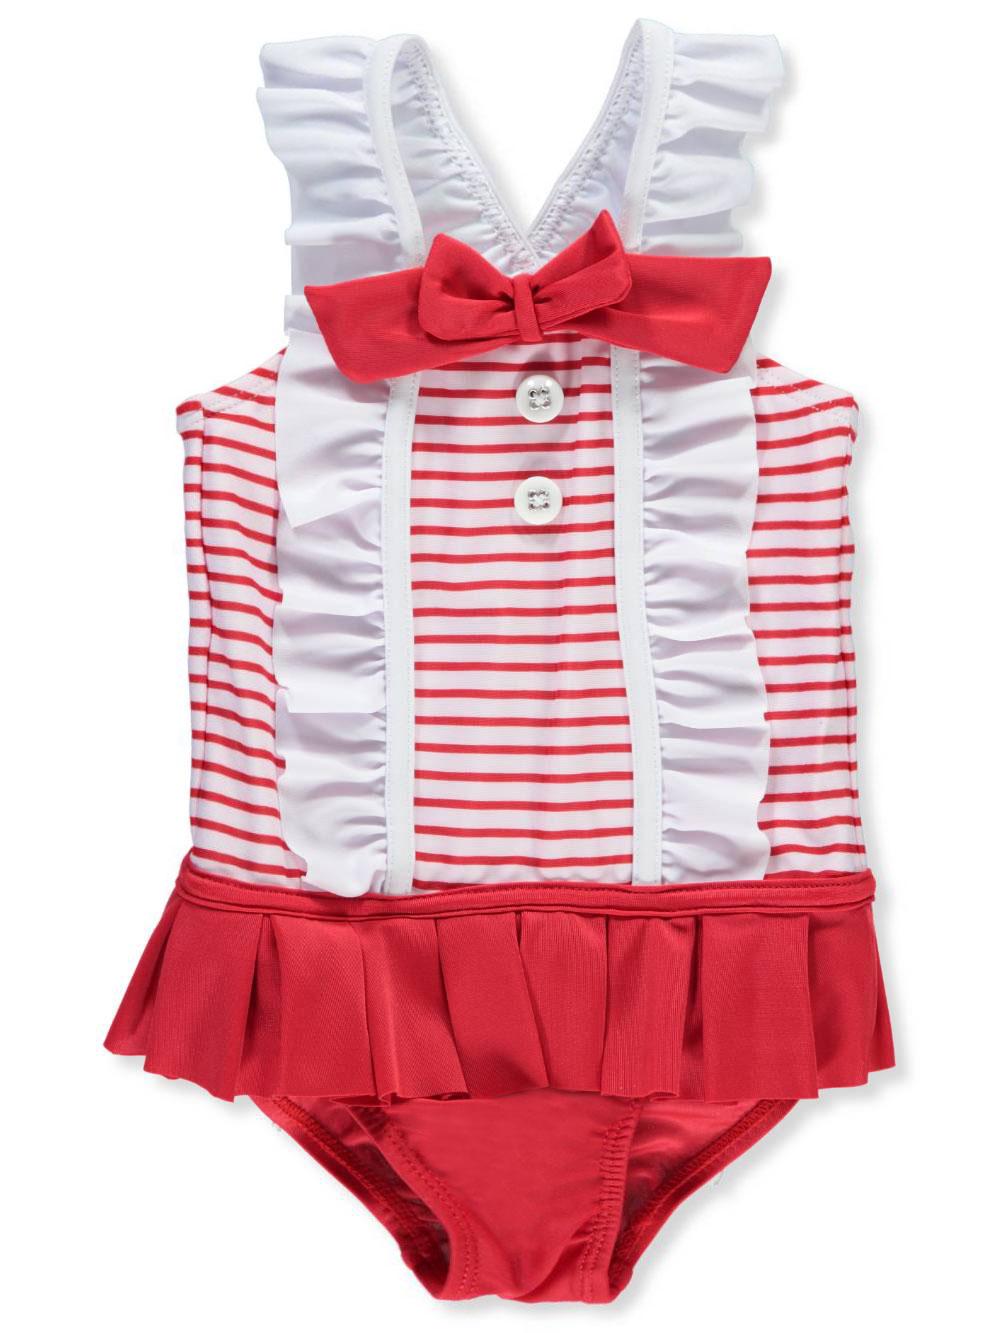 494b41987e9df Sol Swim Baby Girls' 1-Piece Swimsuit